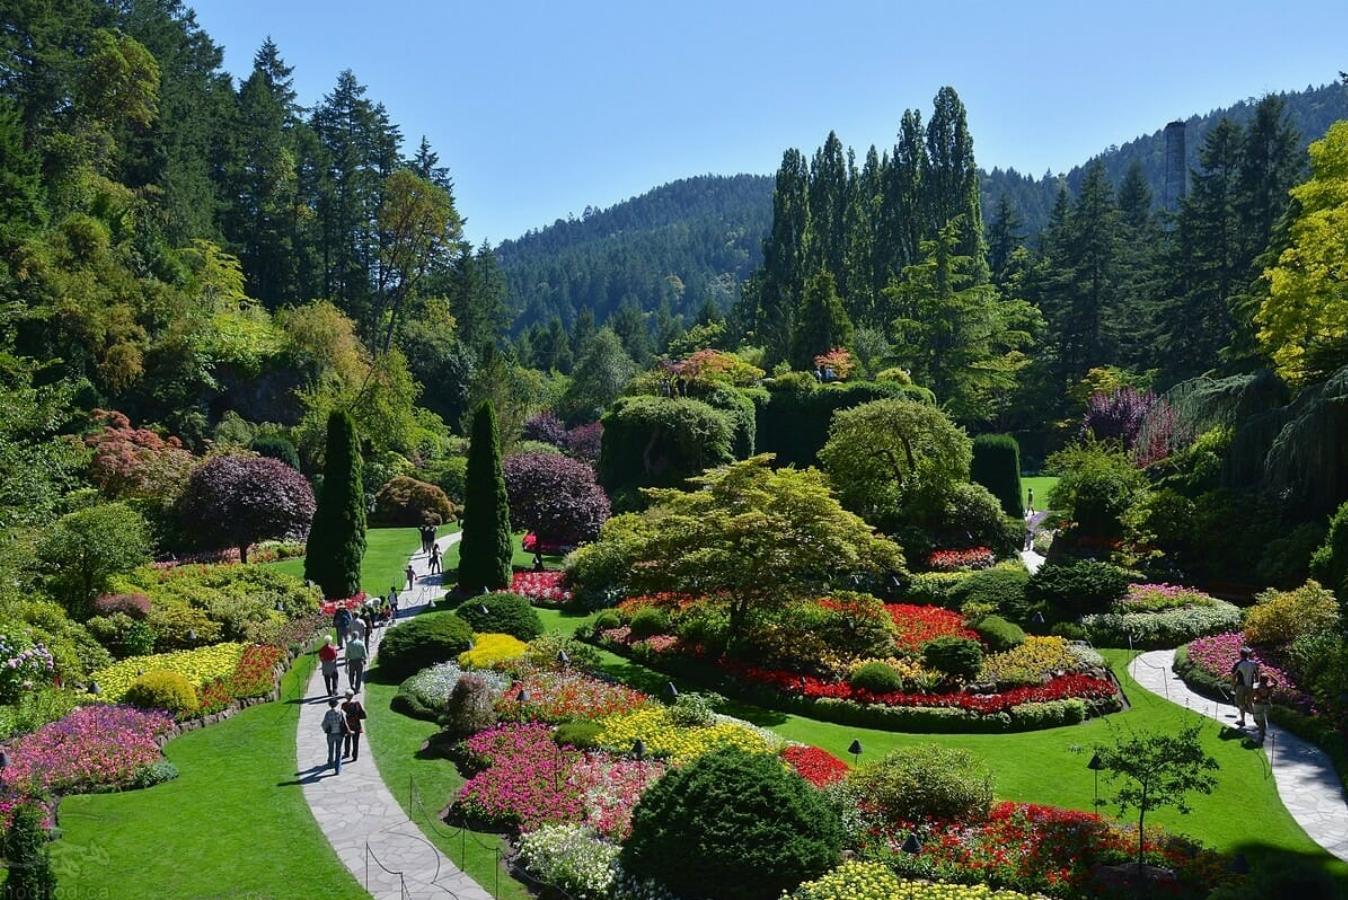 جاذبه های گردشگری کانادا: باغ های بوچارت